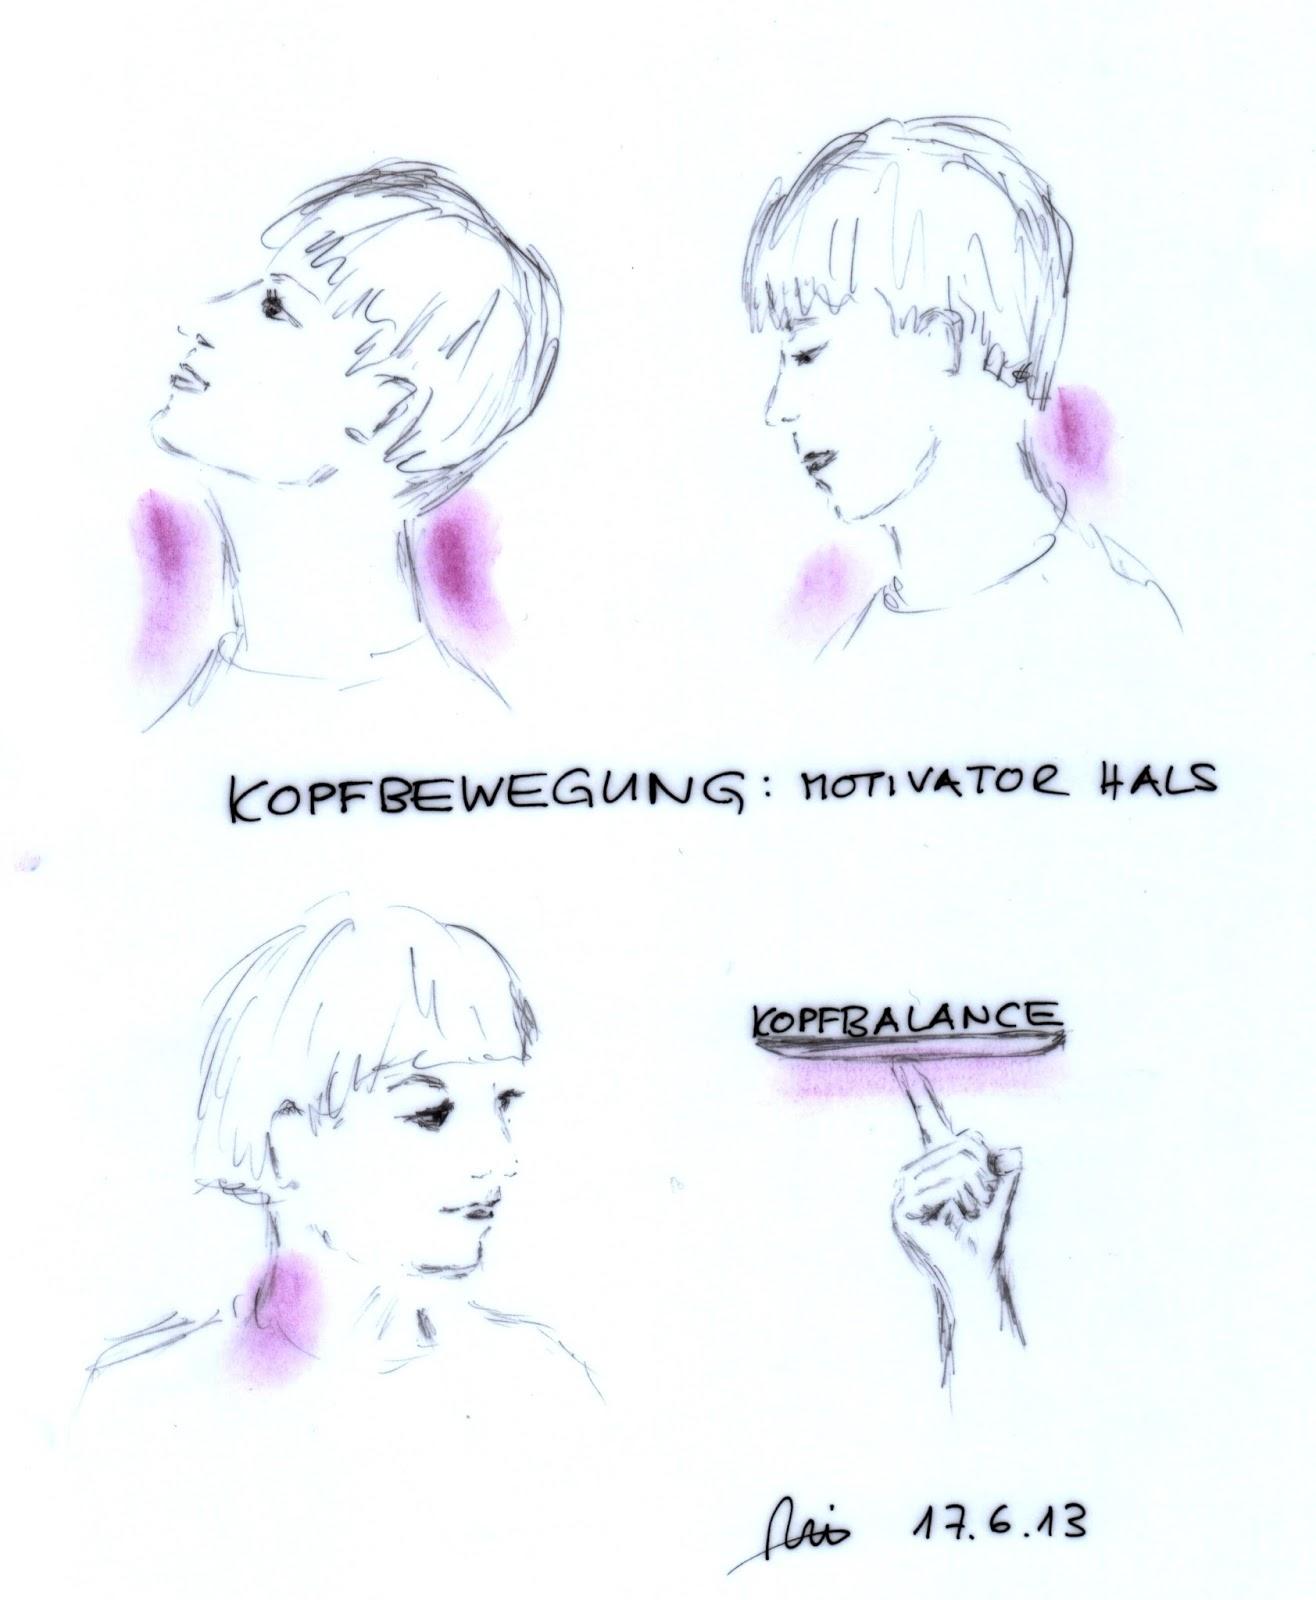 Kopfbewegung